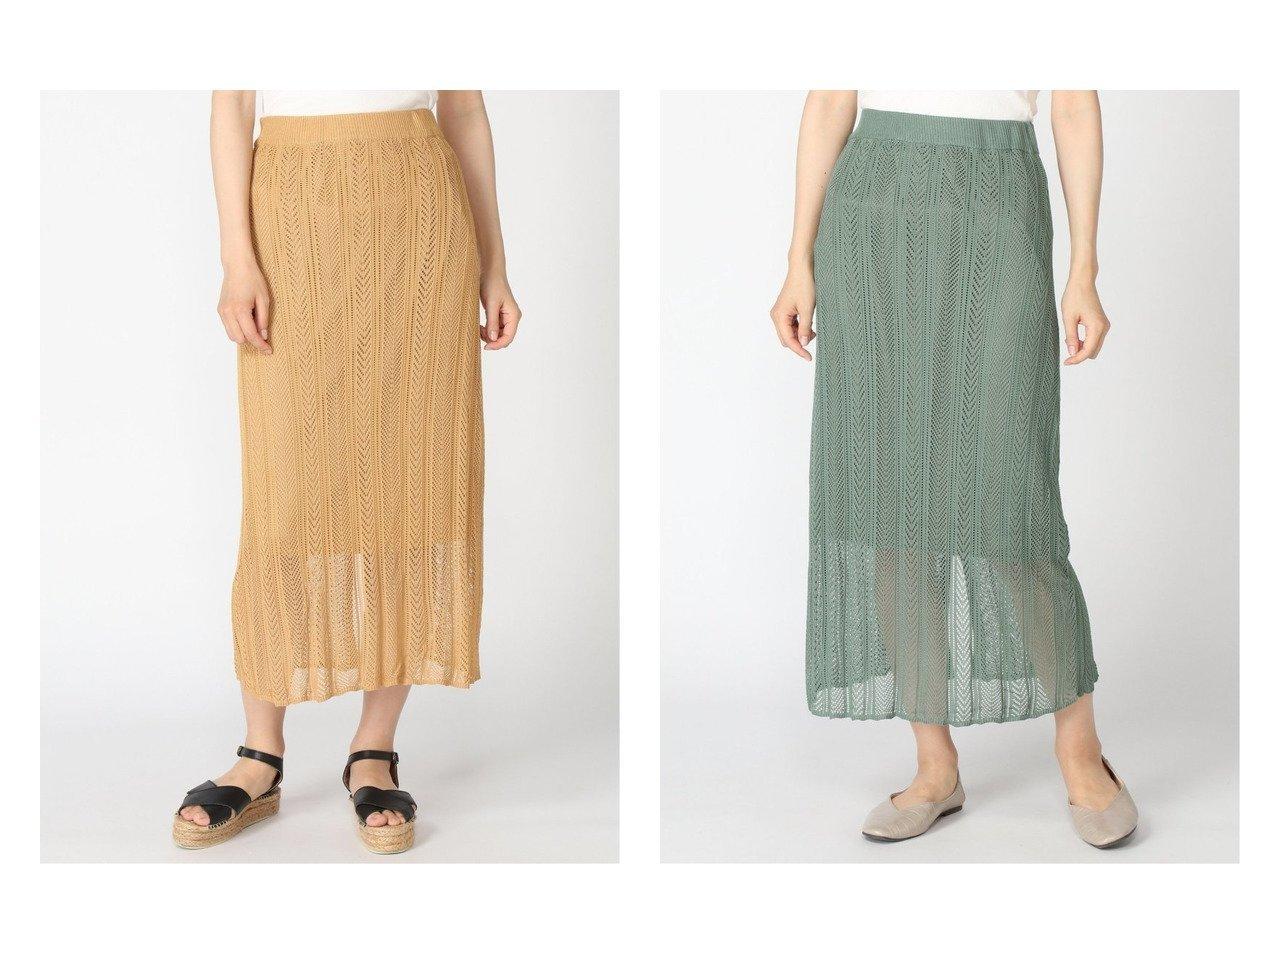 【toucher du brise/トゥシェドブリーズ】の透かし編みニットスカート おすすめ!人気、トレンド・レディースファッションの通販  おすすめで人気の流行・トレンド、ファッションの通販商品 インテリア・家具・メンズファッション・キッズファッション・レディースファッション・服の通販 founy(ファニー) https://founy.com/ ファッション Fashion レディースファッション WOMEN スカート Skirt NEW・新作・新着・新入荷 New Arrivals おすすめ Recommend タイトスカート ロング 透かし |ID:crp329100000062246